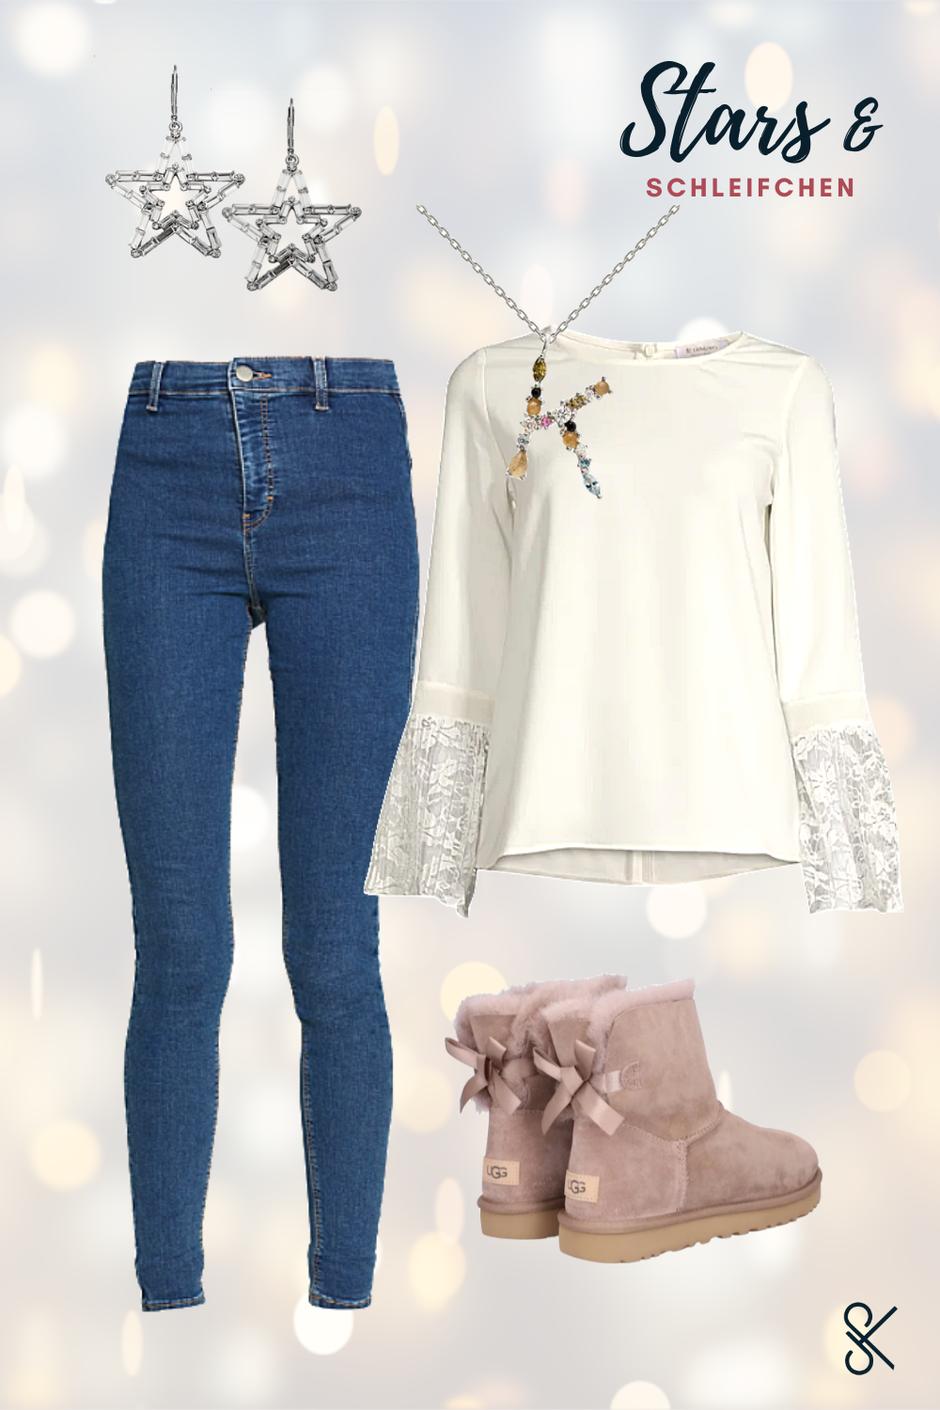 2. Festtags-Outfit mit Highwaist-Jeans und Spitzenbluse